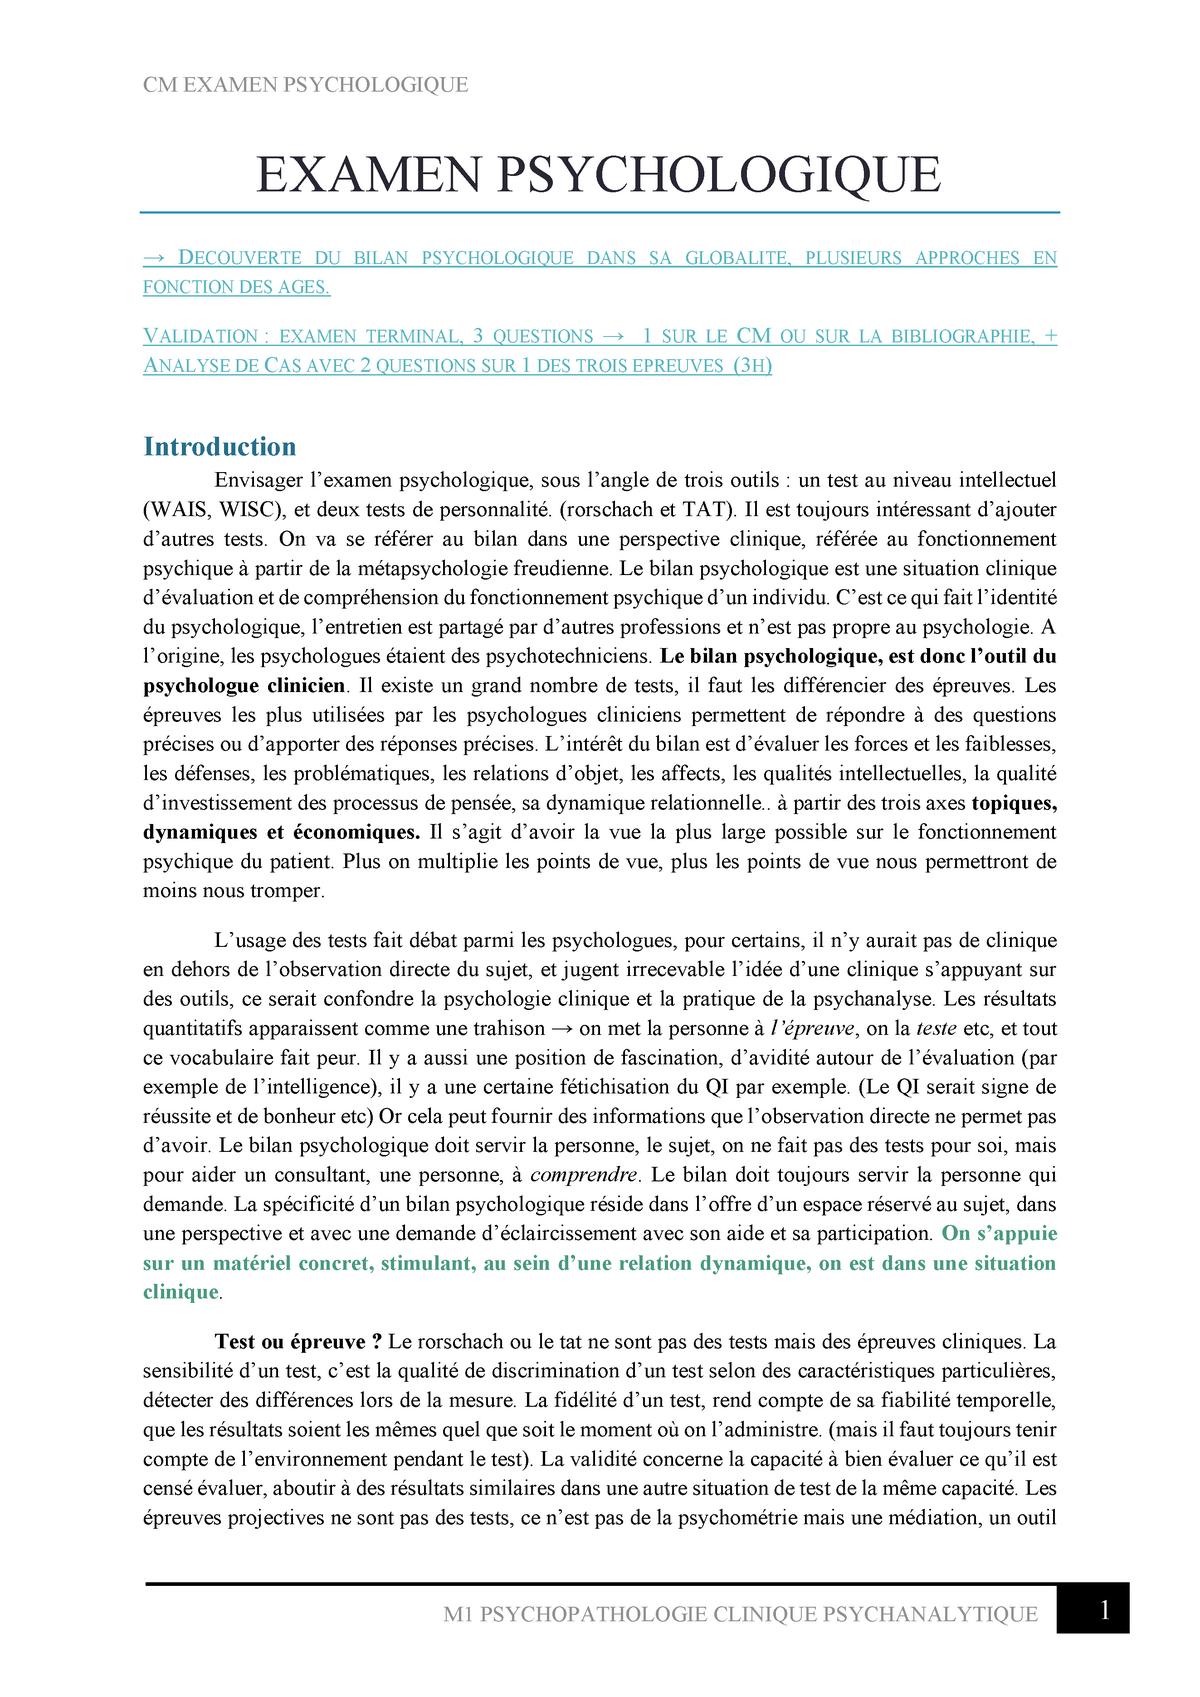 CM Examen Psychologique Psychologie clinique StuDocu